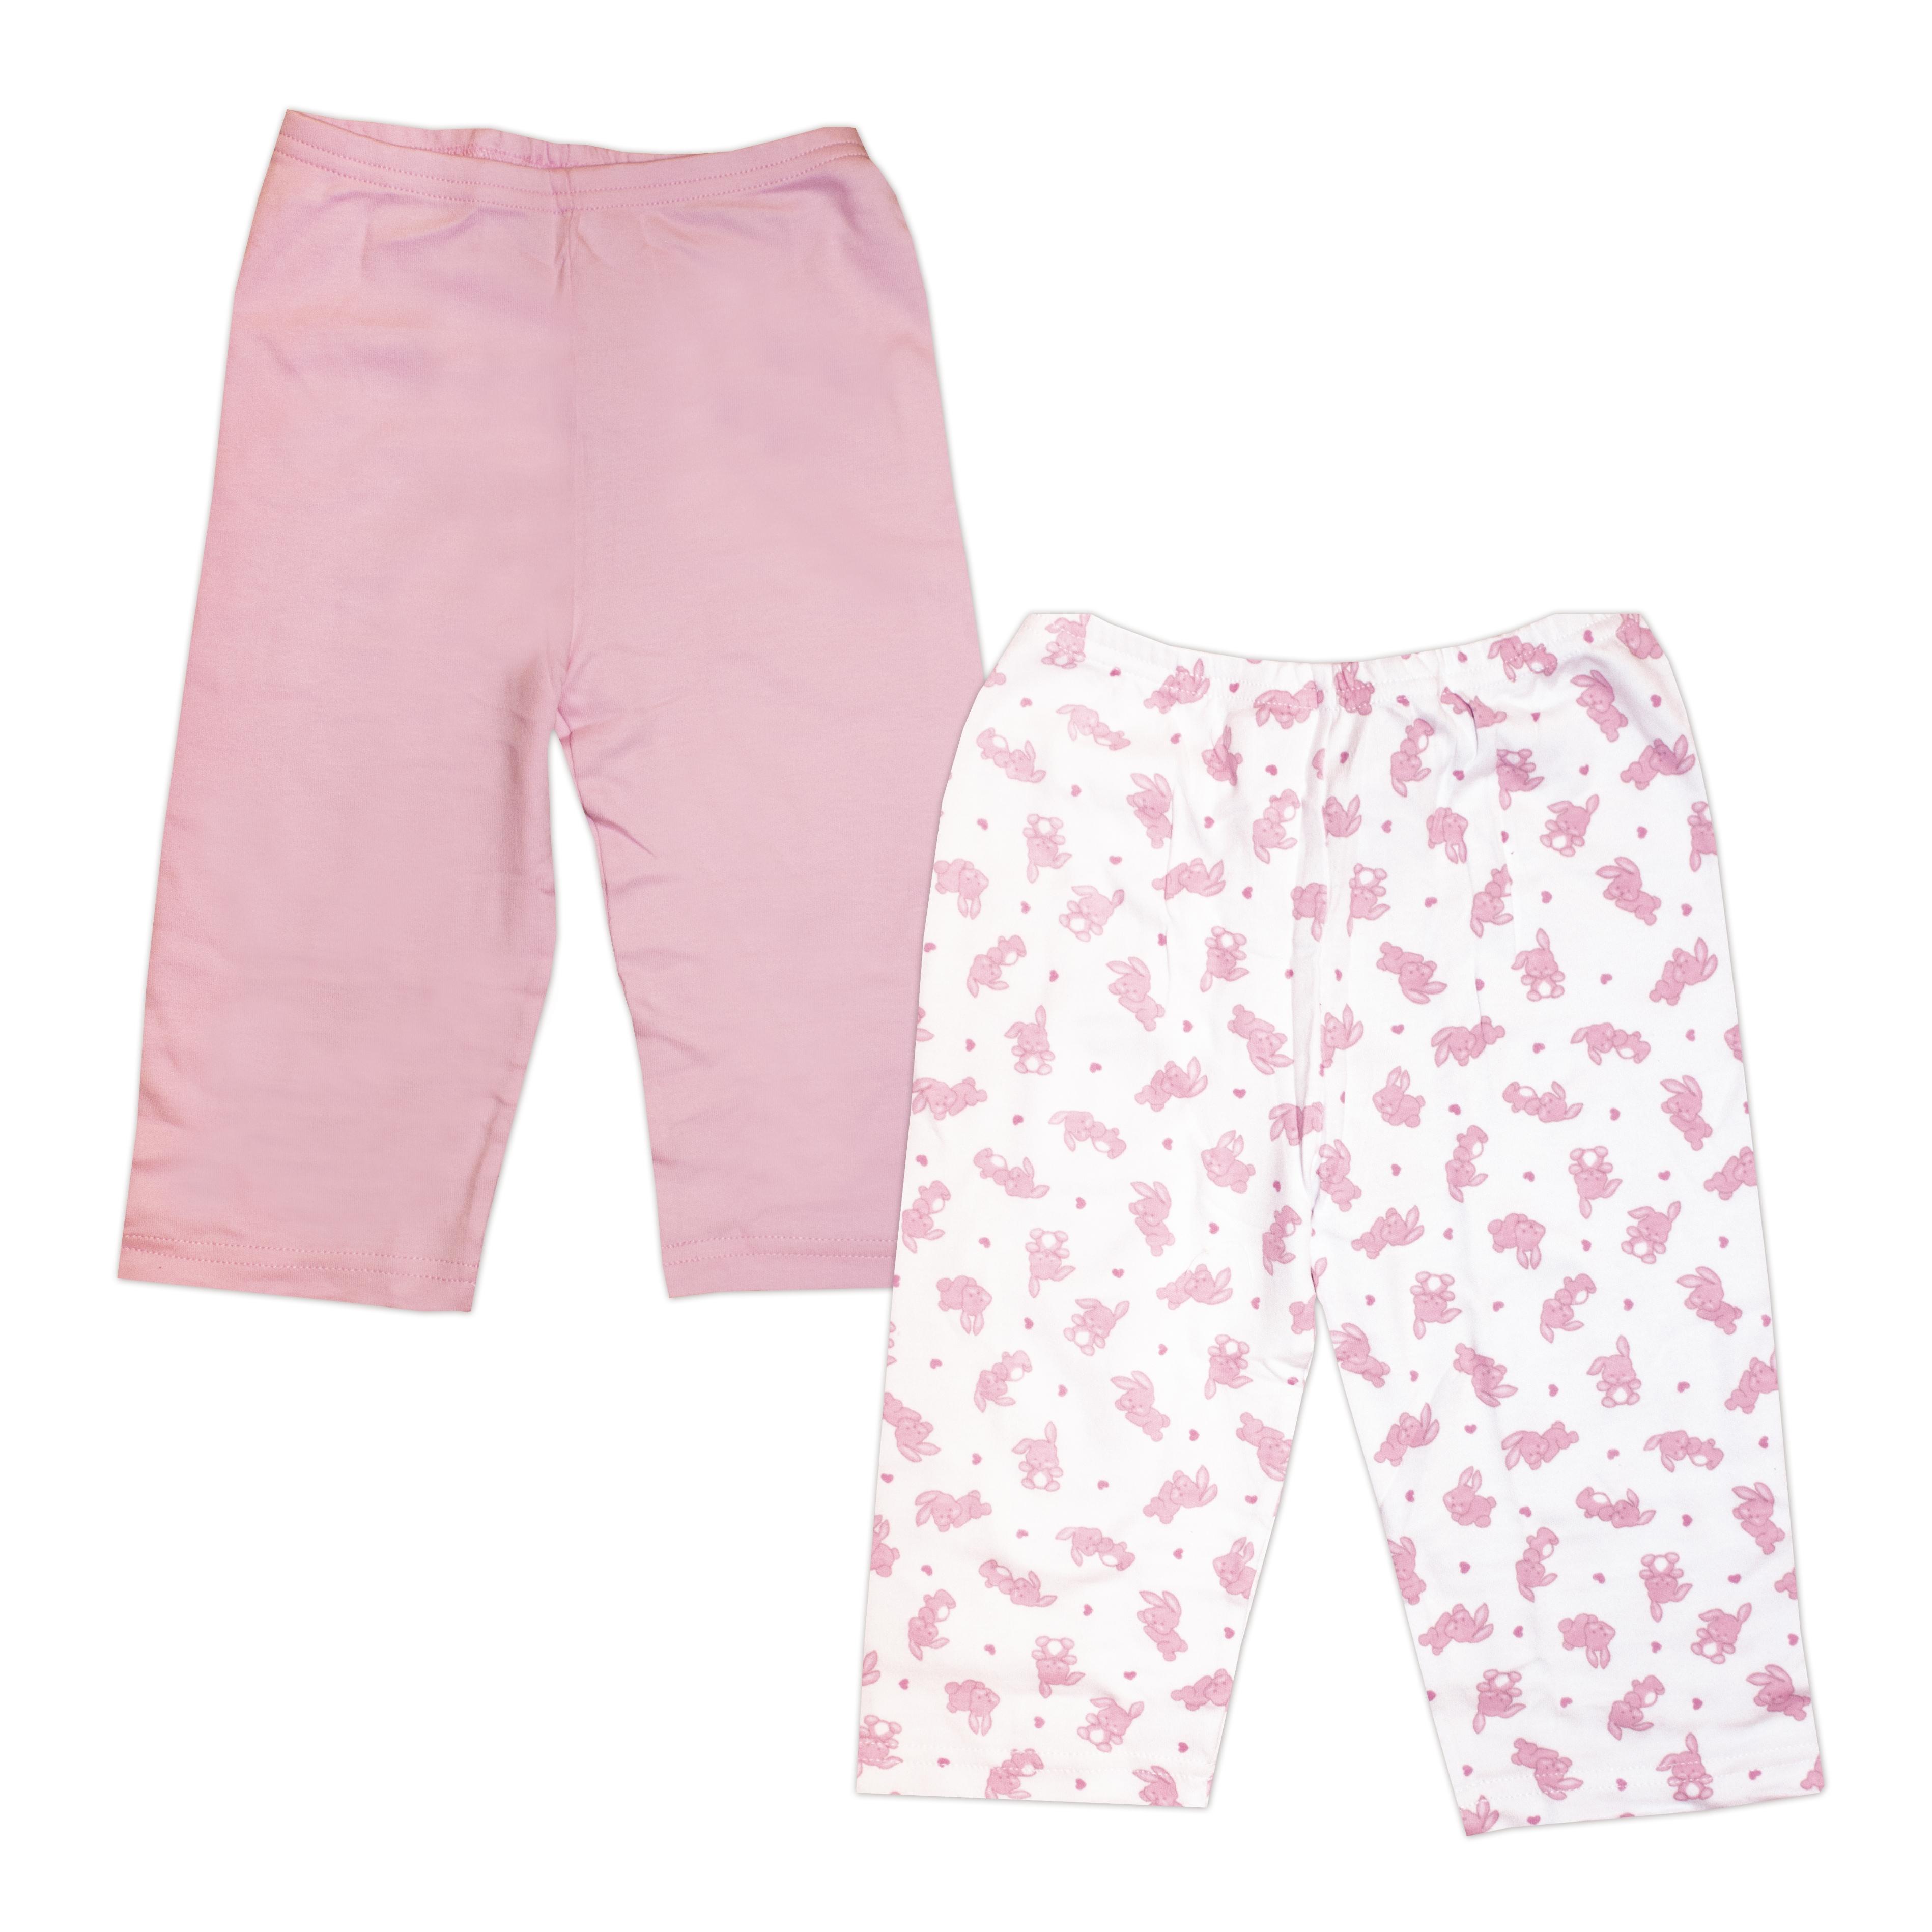 Первые вещи новорожденного BARQUITO Штанишки интерлок Barquito 2 шт. Розовые невидимка для волос funny bunny розовые цветы 2 шт